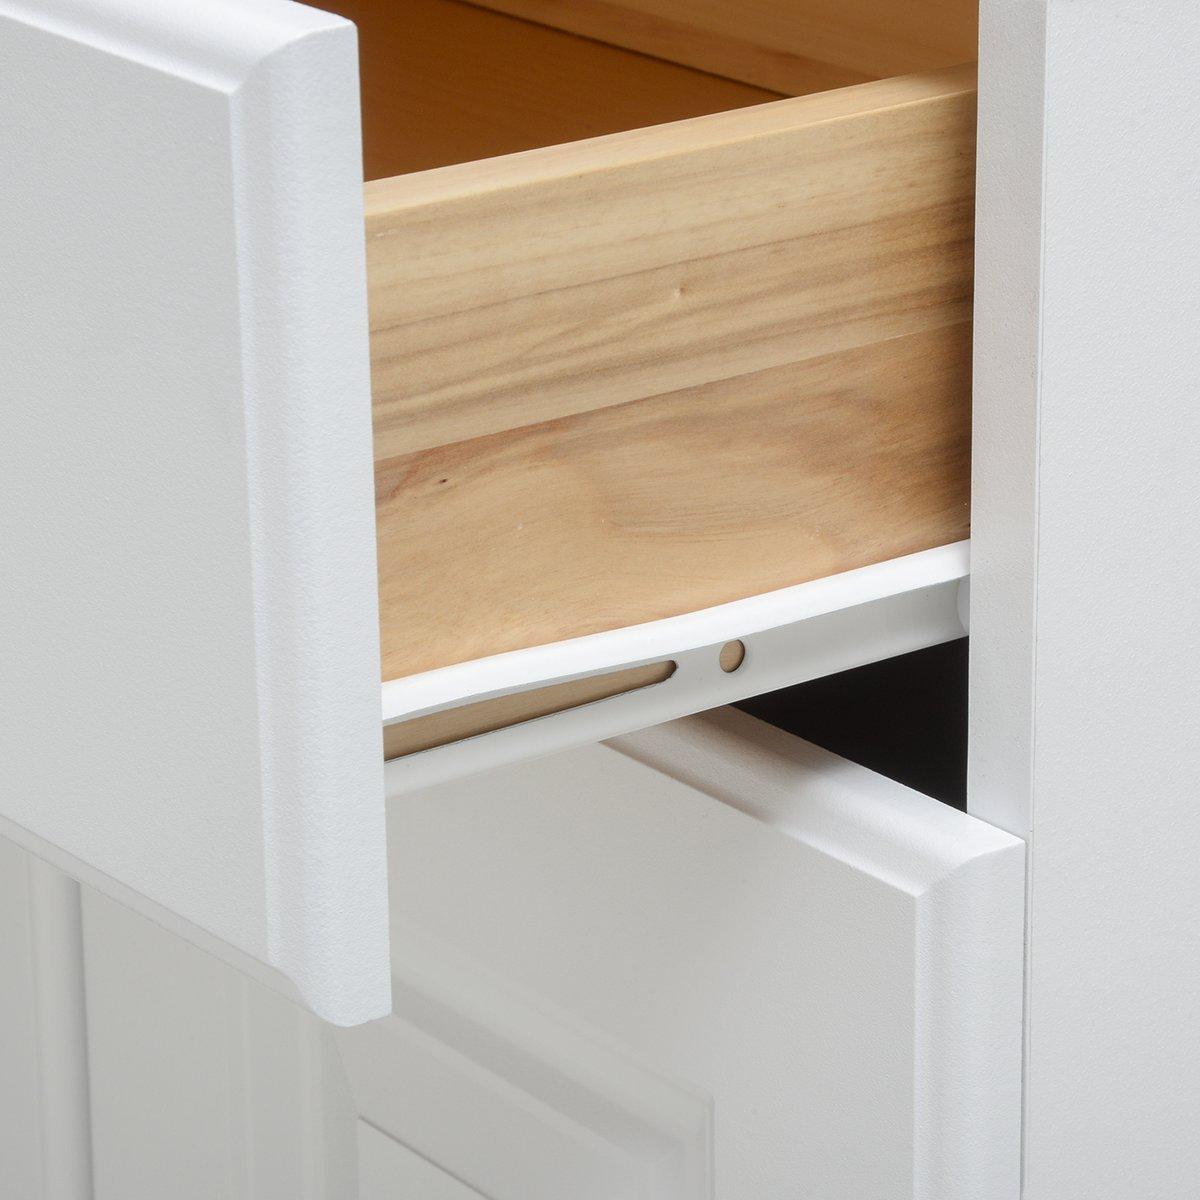 Verniciatura bianca a polvere confezione da 2 Basics Guide fisse per cassetti con fondo ad aletta 35,6 cm